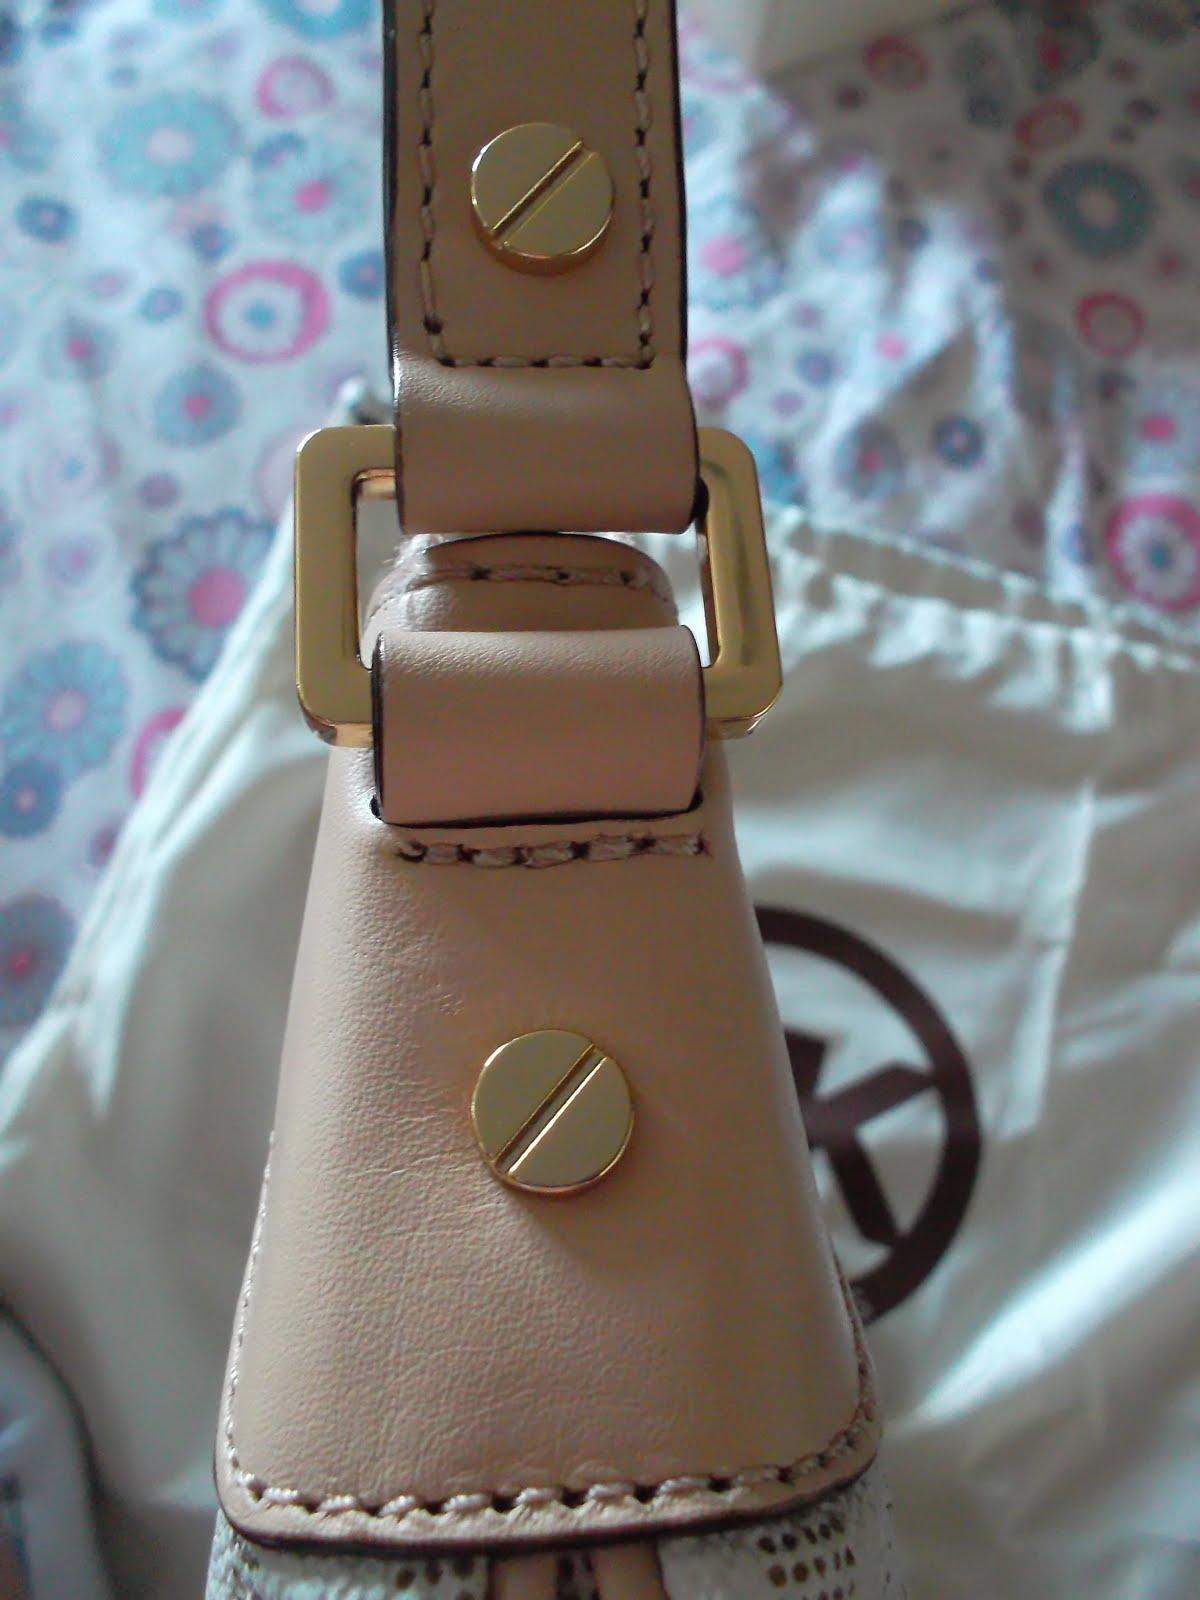 Fashion asesoría para vestir bien como reconocer una bolsa michael kors  original JPG 1200x1600 Michael kors caf202b42f